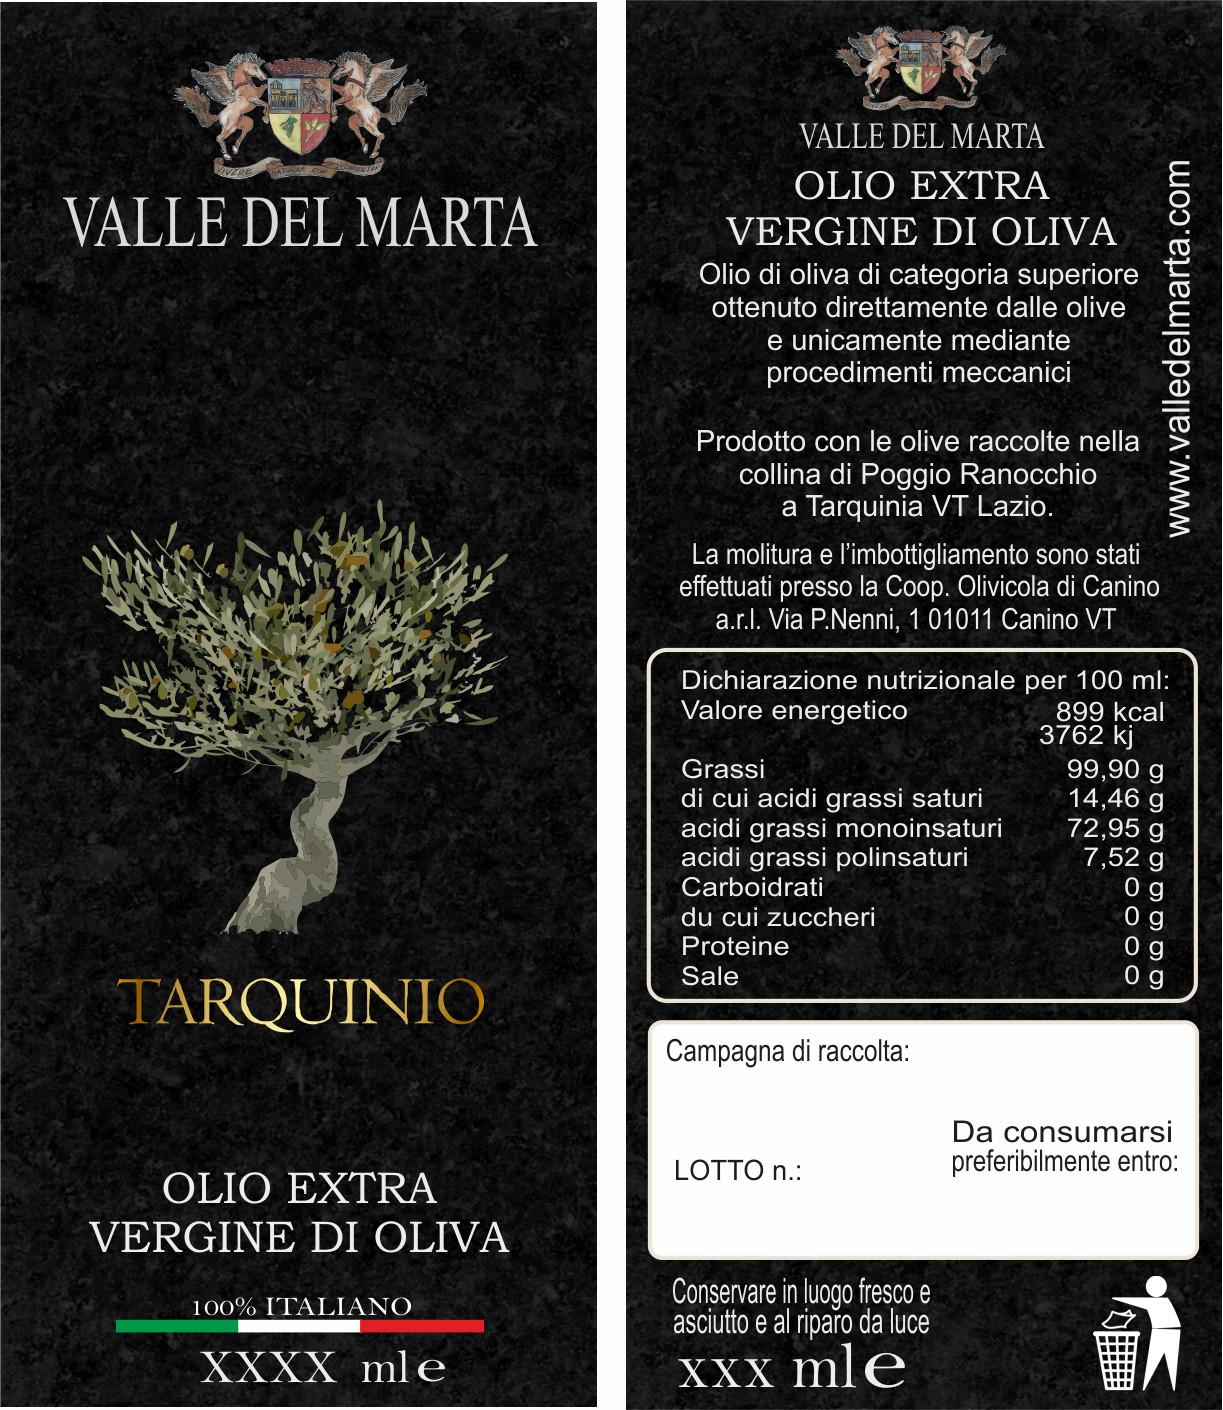 etichetta olio extravergine di oliva Tarquinio